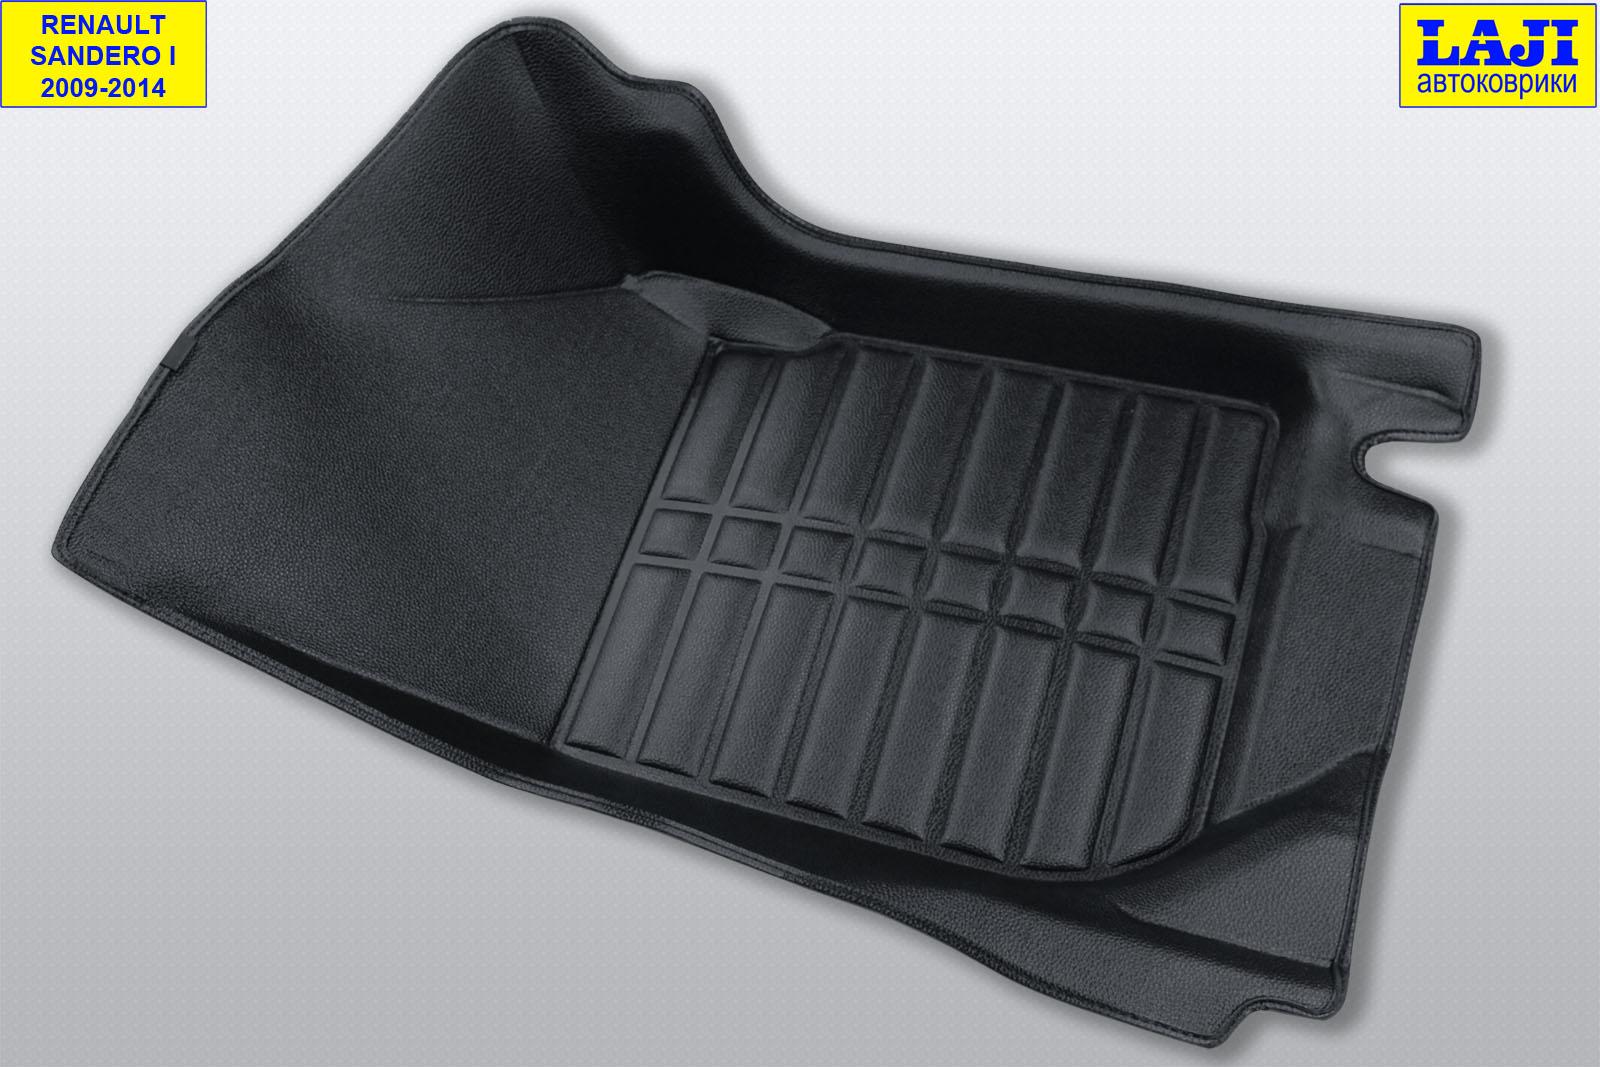 5D коврики в салон Renault Sandero Stepway 1 2009-2014 4